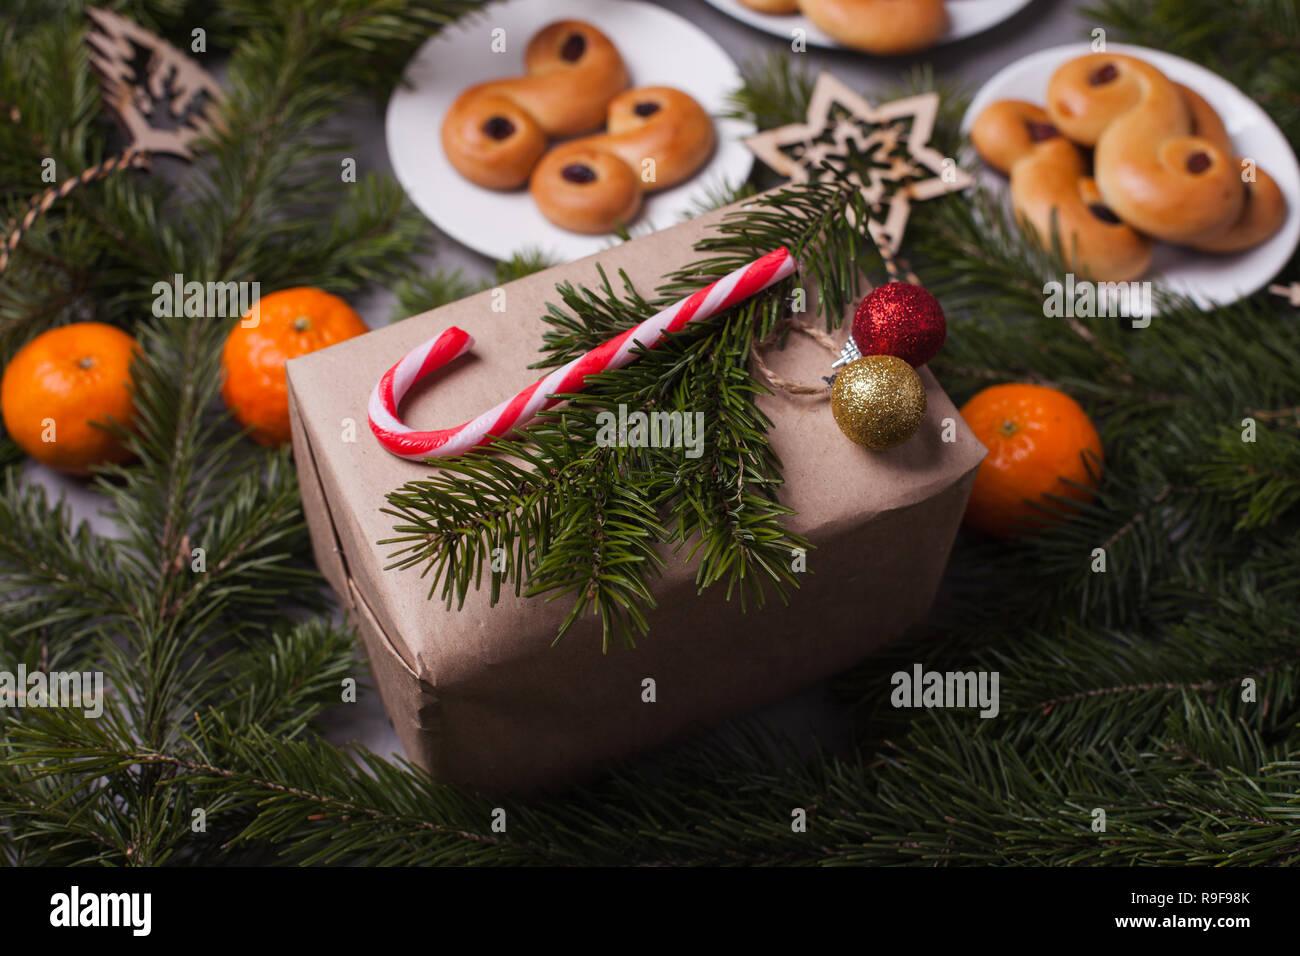 Tradizionale svedese ciambelle di zafferano, noto anche come lussekatter lussebullar o. Il giallo panini hanno uvetta e sono sagomate in spirali e confezione regalo xwith Foto Stock